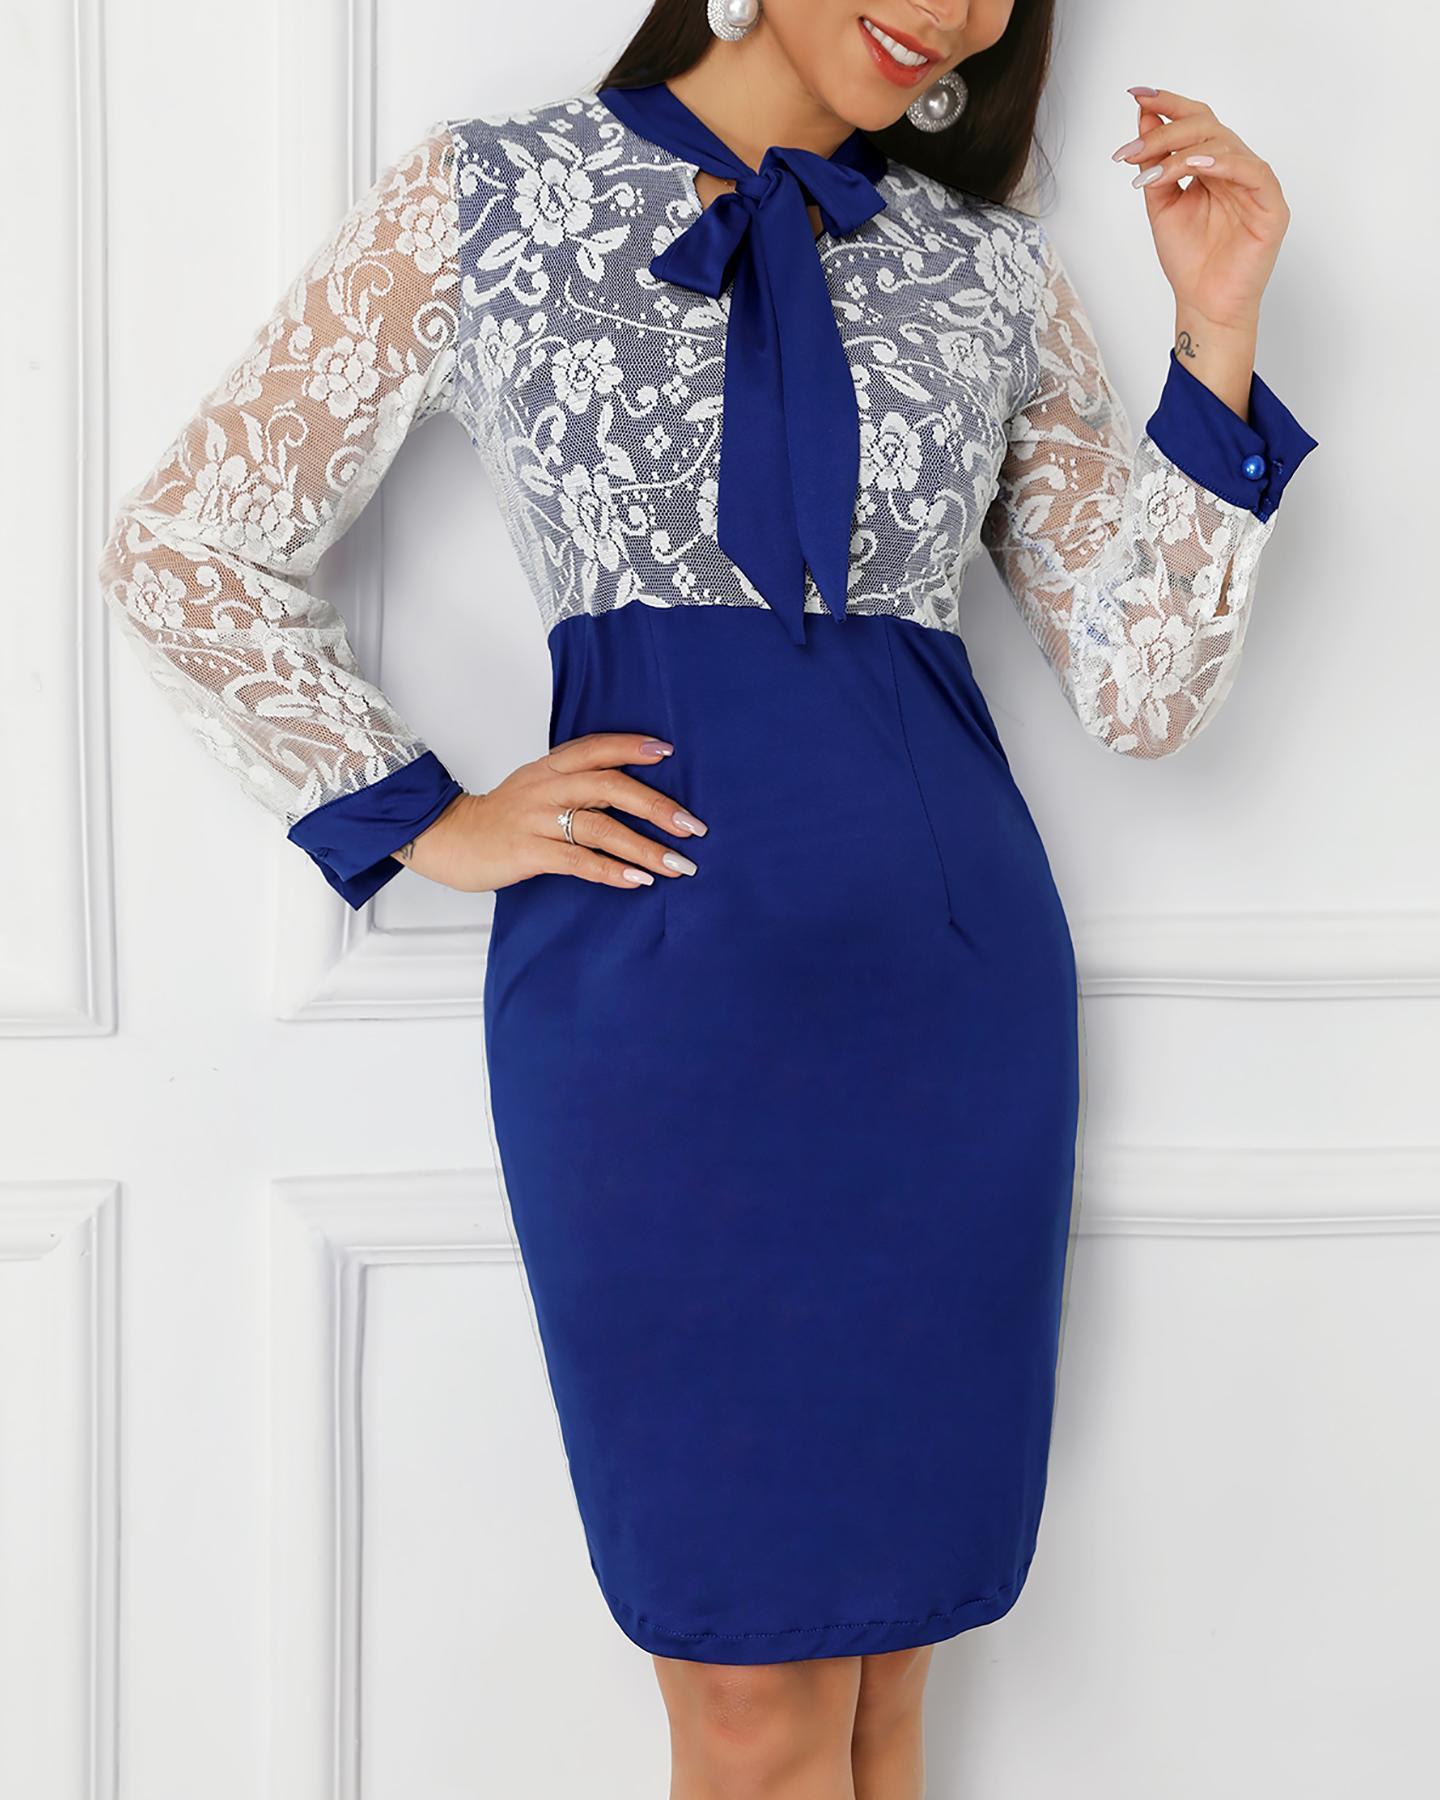 boutiquefeel / Vestido con detalle de encaje con cuello anudado